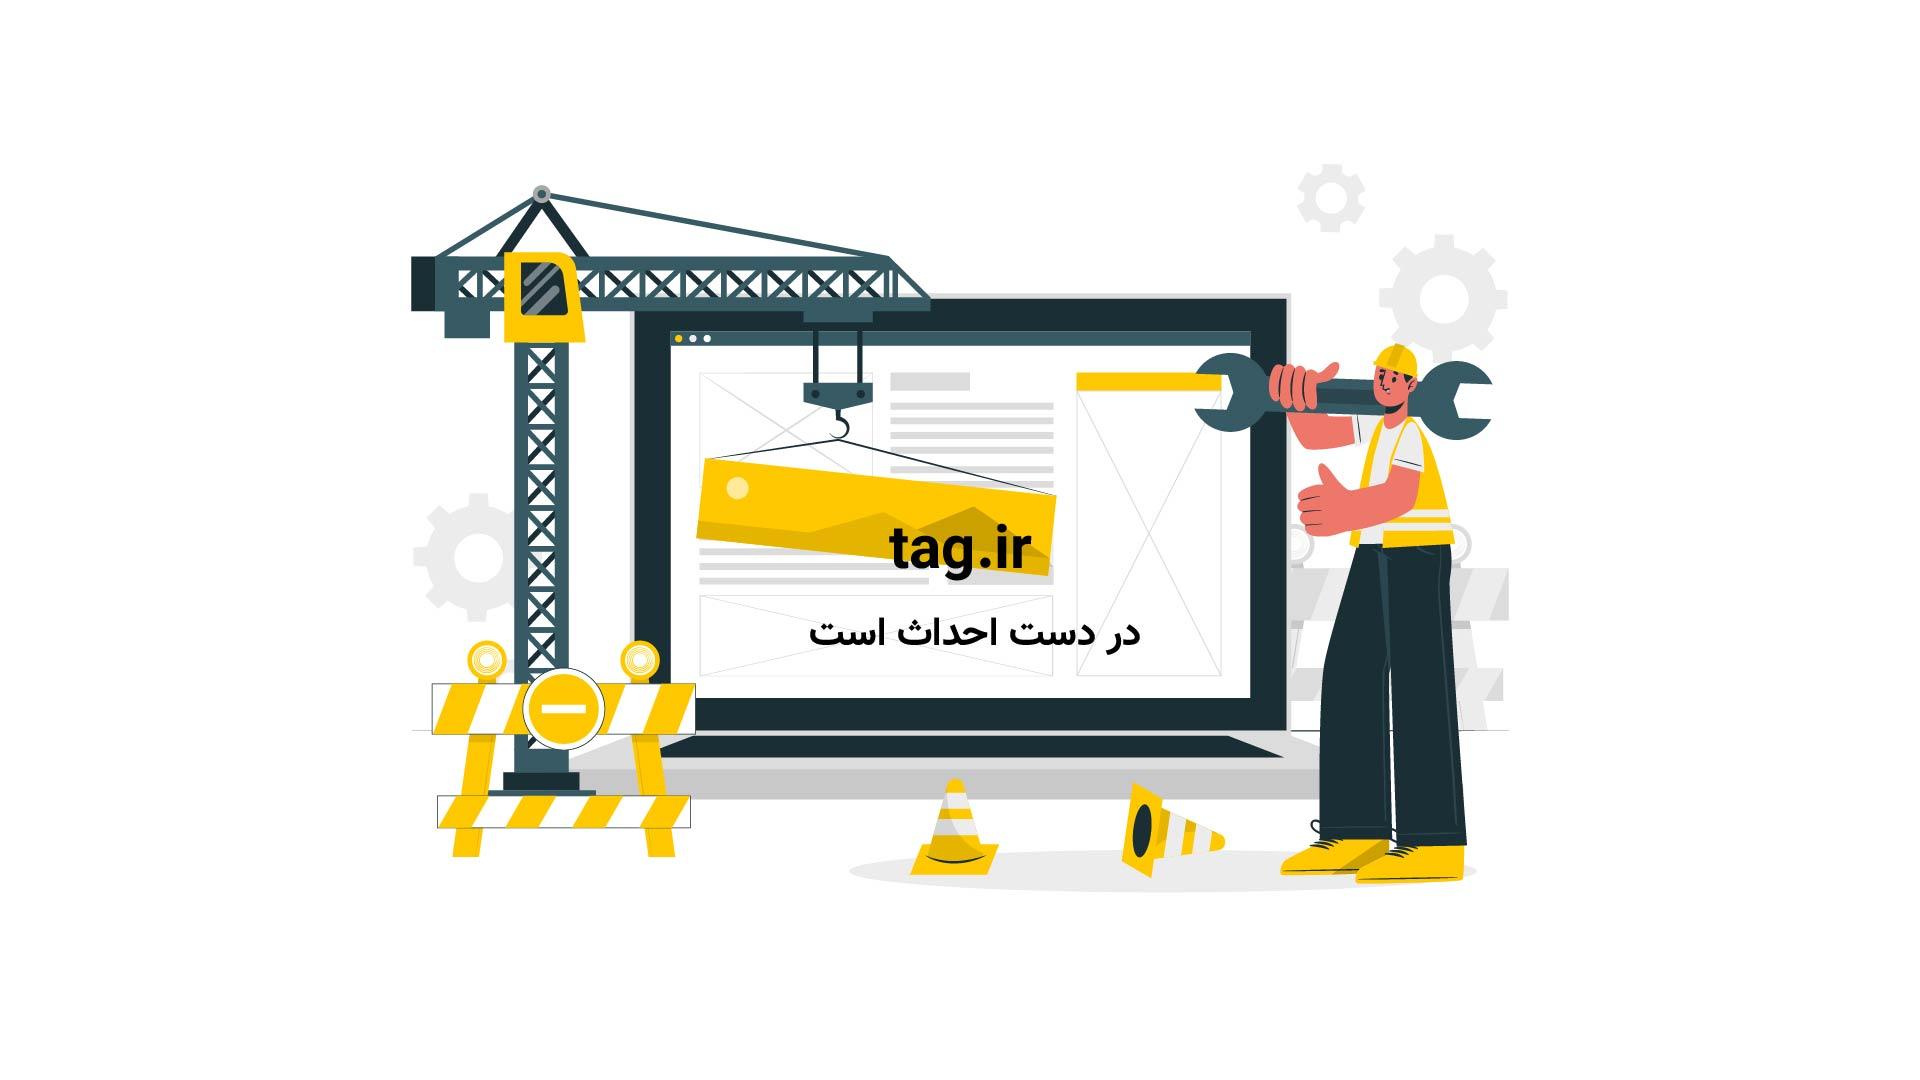 عبور فیل از جاده | تگ